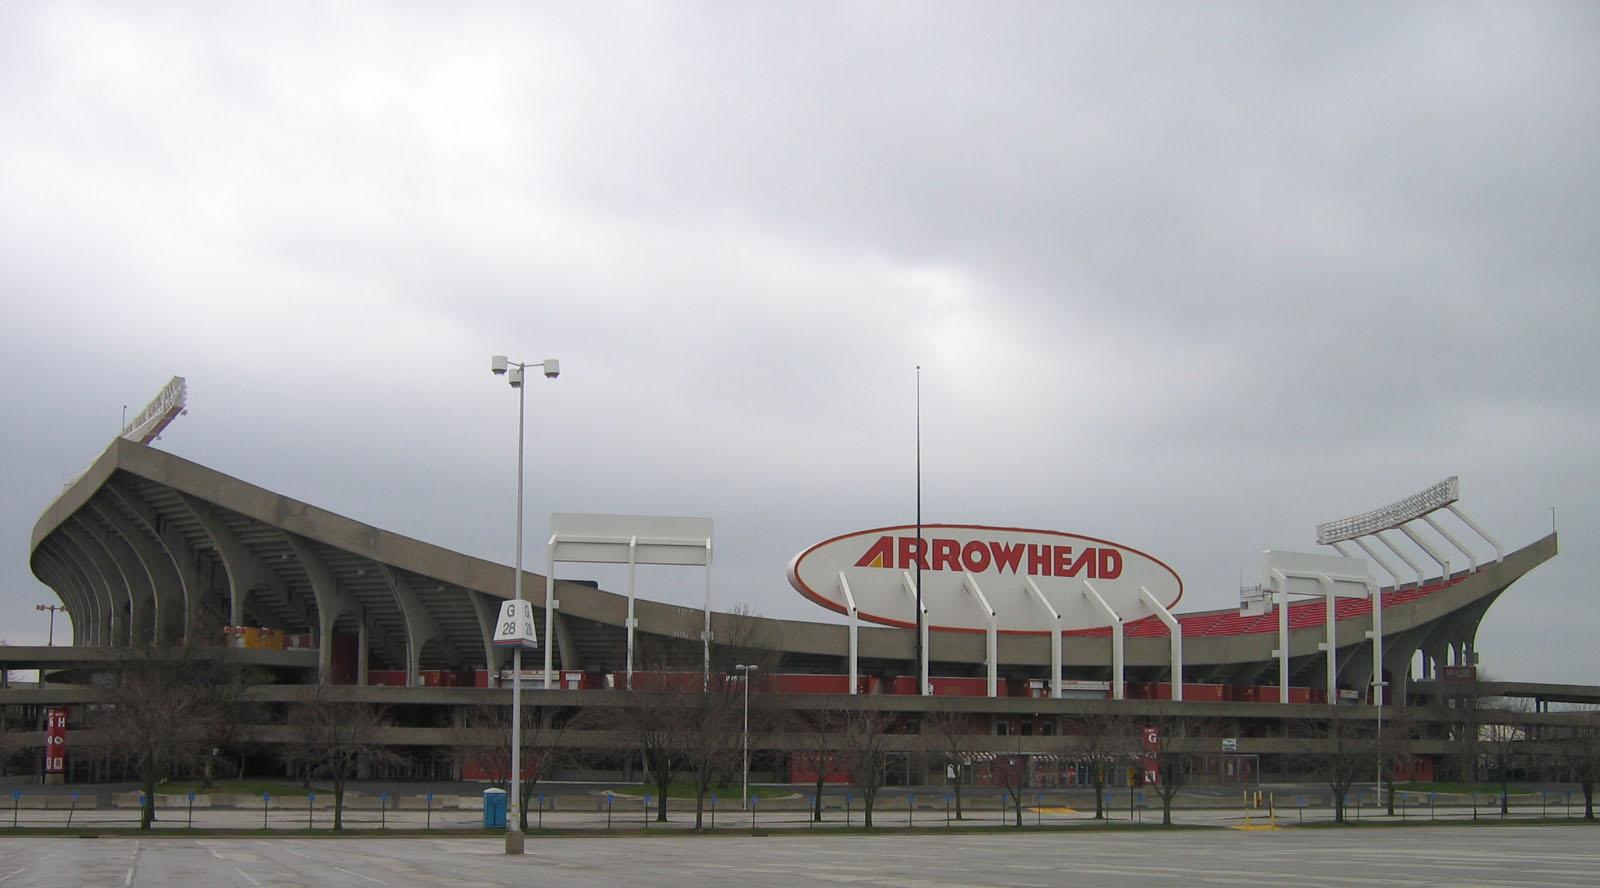 Arrowhead Stadium in Kansas City, Missouri. Photo taken on March 30, 2007.